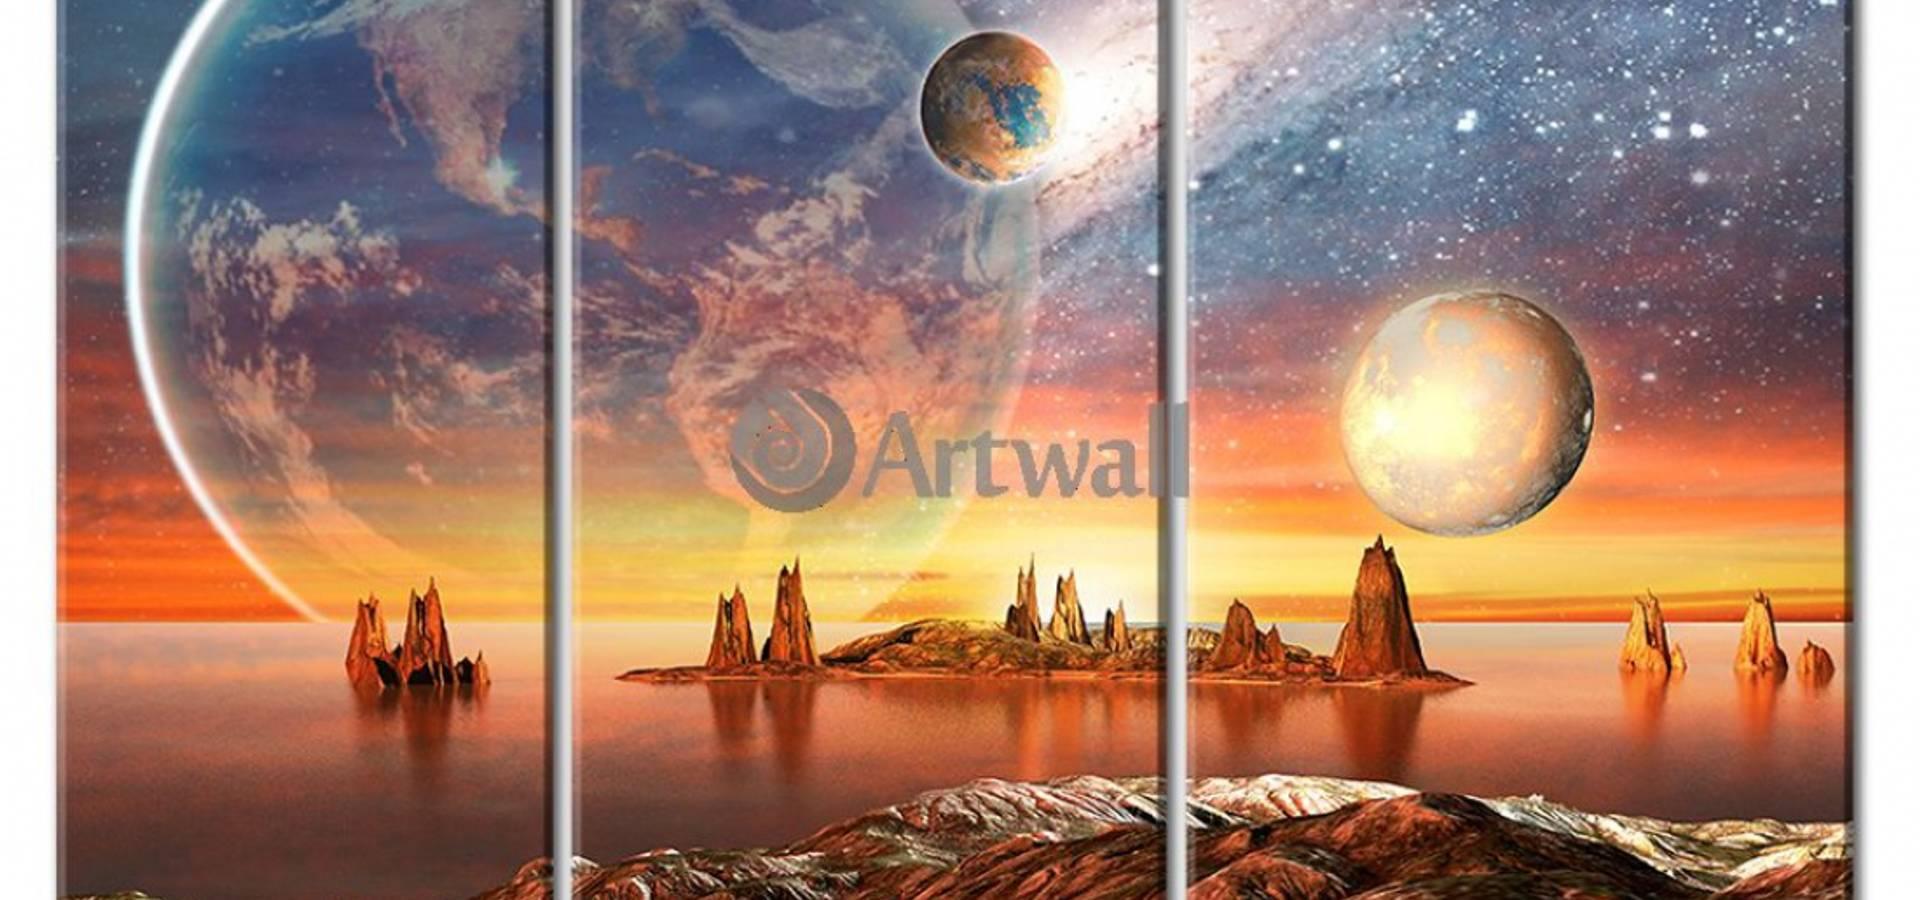 Artwall